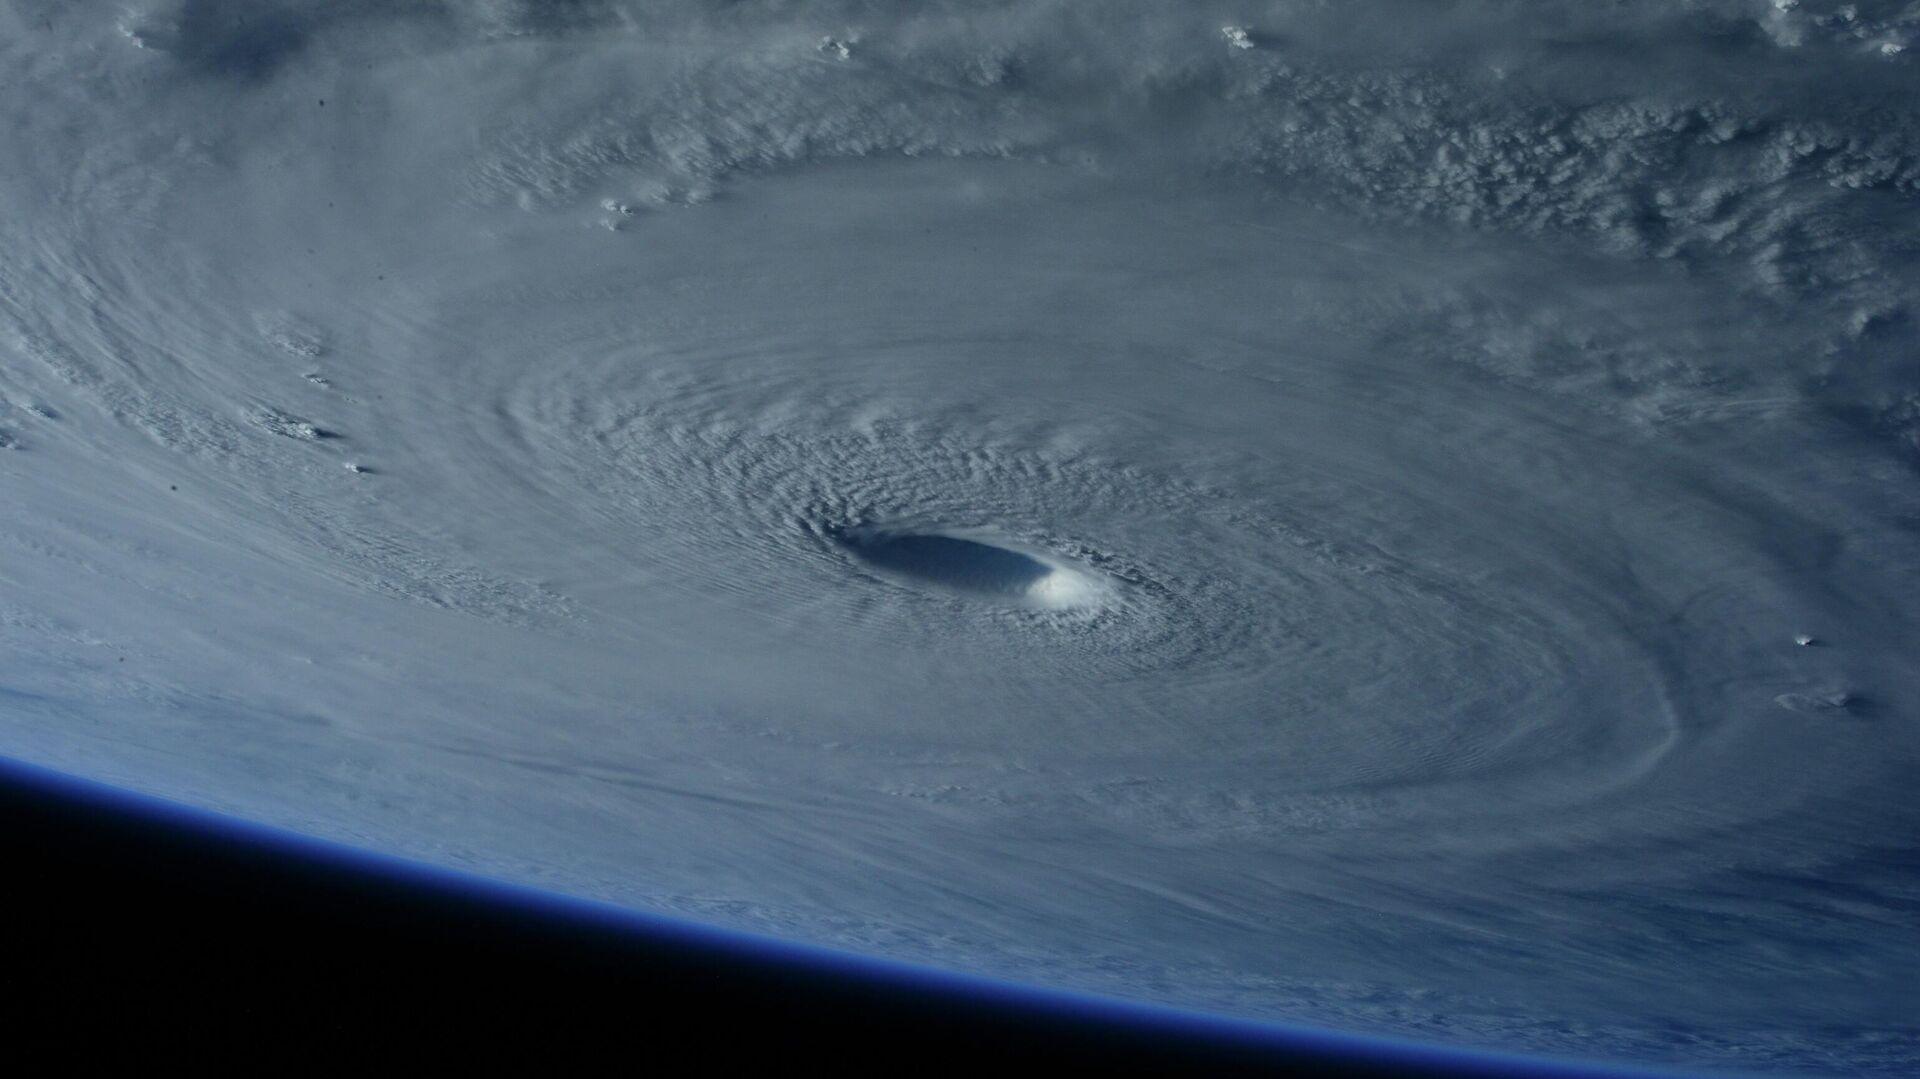 Un huracán visto del espacio (imagen referencial) - Sputnik Mundo, 1920, 25.09.2021